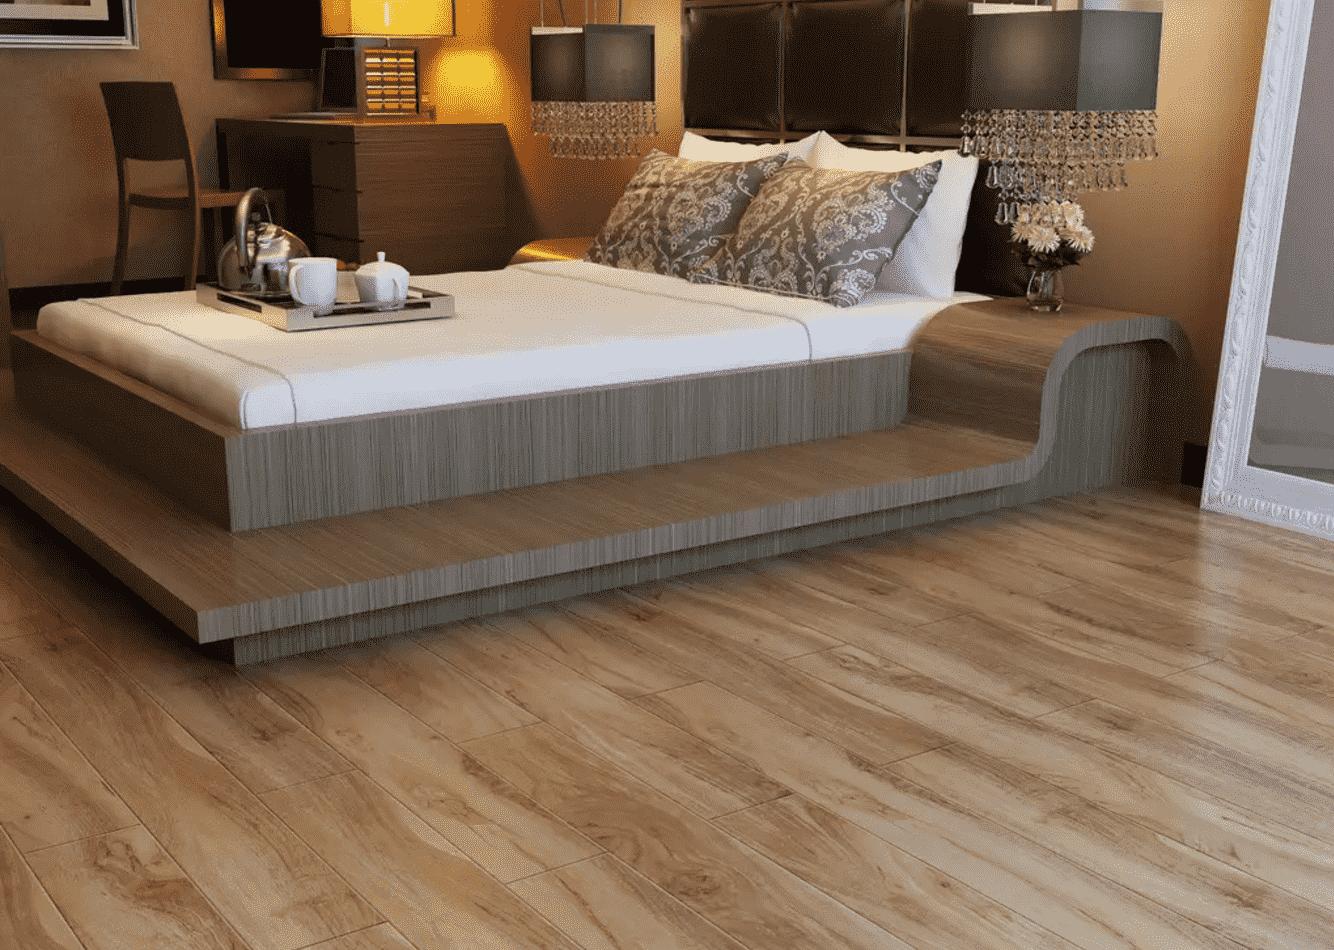 最环保的实木地板并不适合做地暖地板使用,而复合木地板或多或少都含有一定含量的甲醛,地暖的加热会加速甲醛的释放,这也是许多消费者担心的问题。消费者选择地暖地板时,一定要尽可能选择甲醛含量低的地板。瓷砖具有天然放射性,这是许多消费者关注的问题。专家介绍,瓷砖是在1200的恒温中烧制的,对于地暖来说并不会因为加热而使瓷砖的放射性加大,符合国家标准的瓷砖,其放射性不会对消费者造成危害。